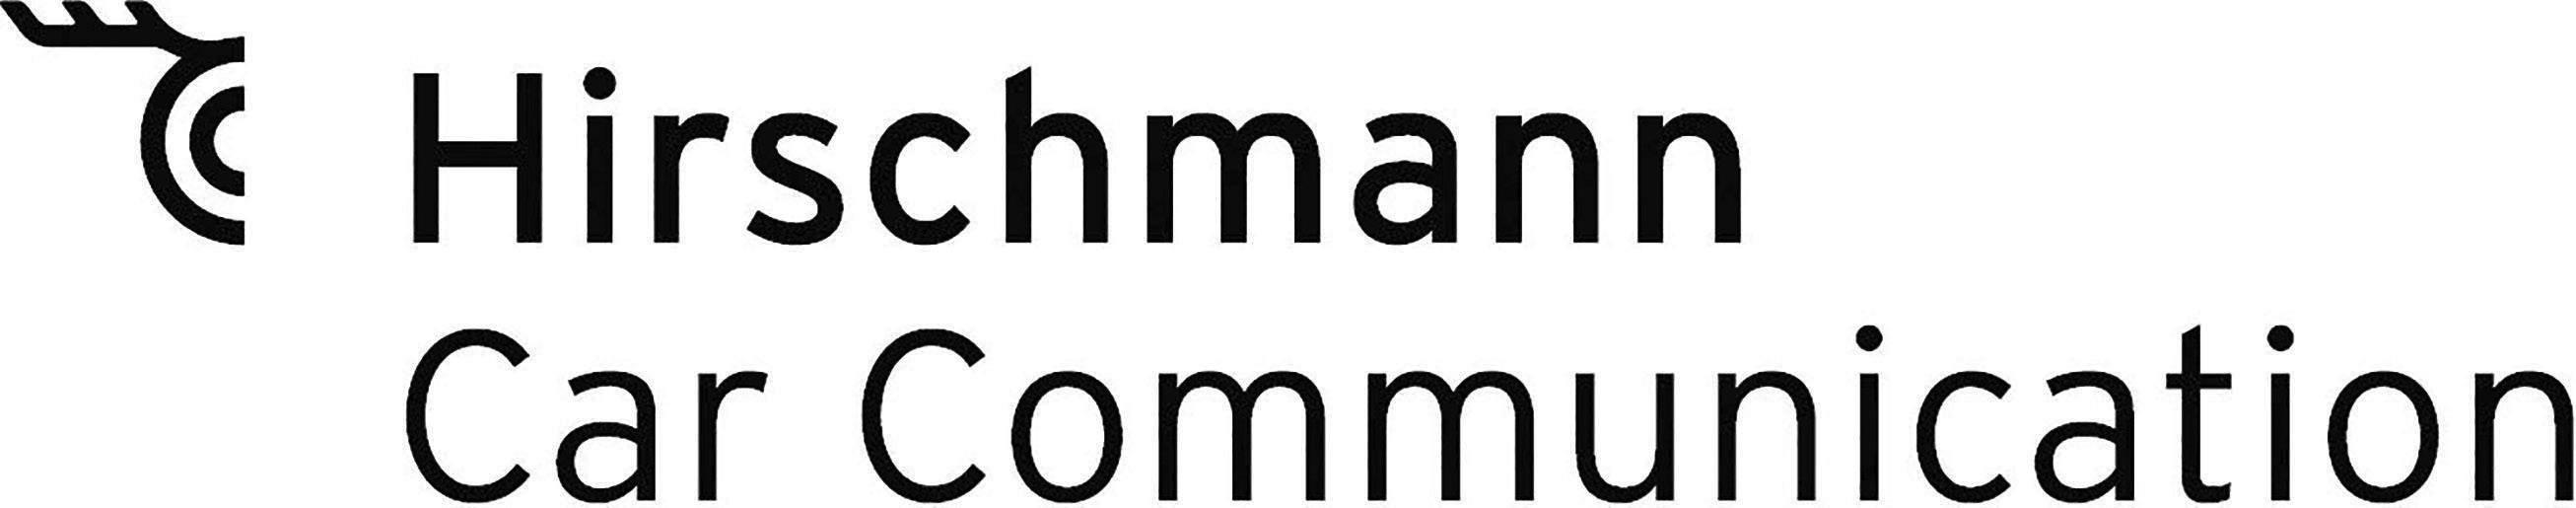 Hirschmann Car Communication